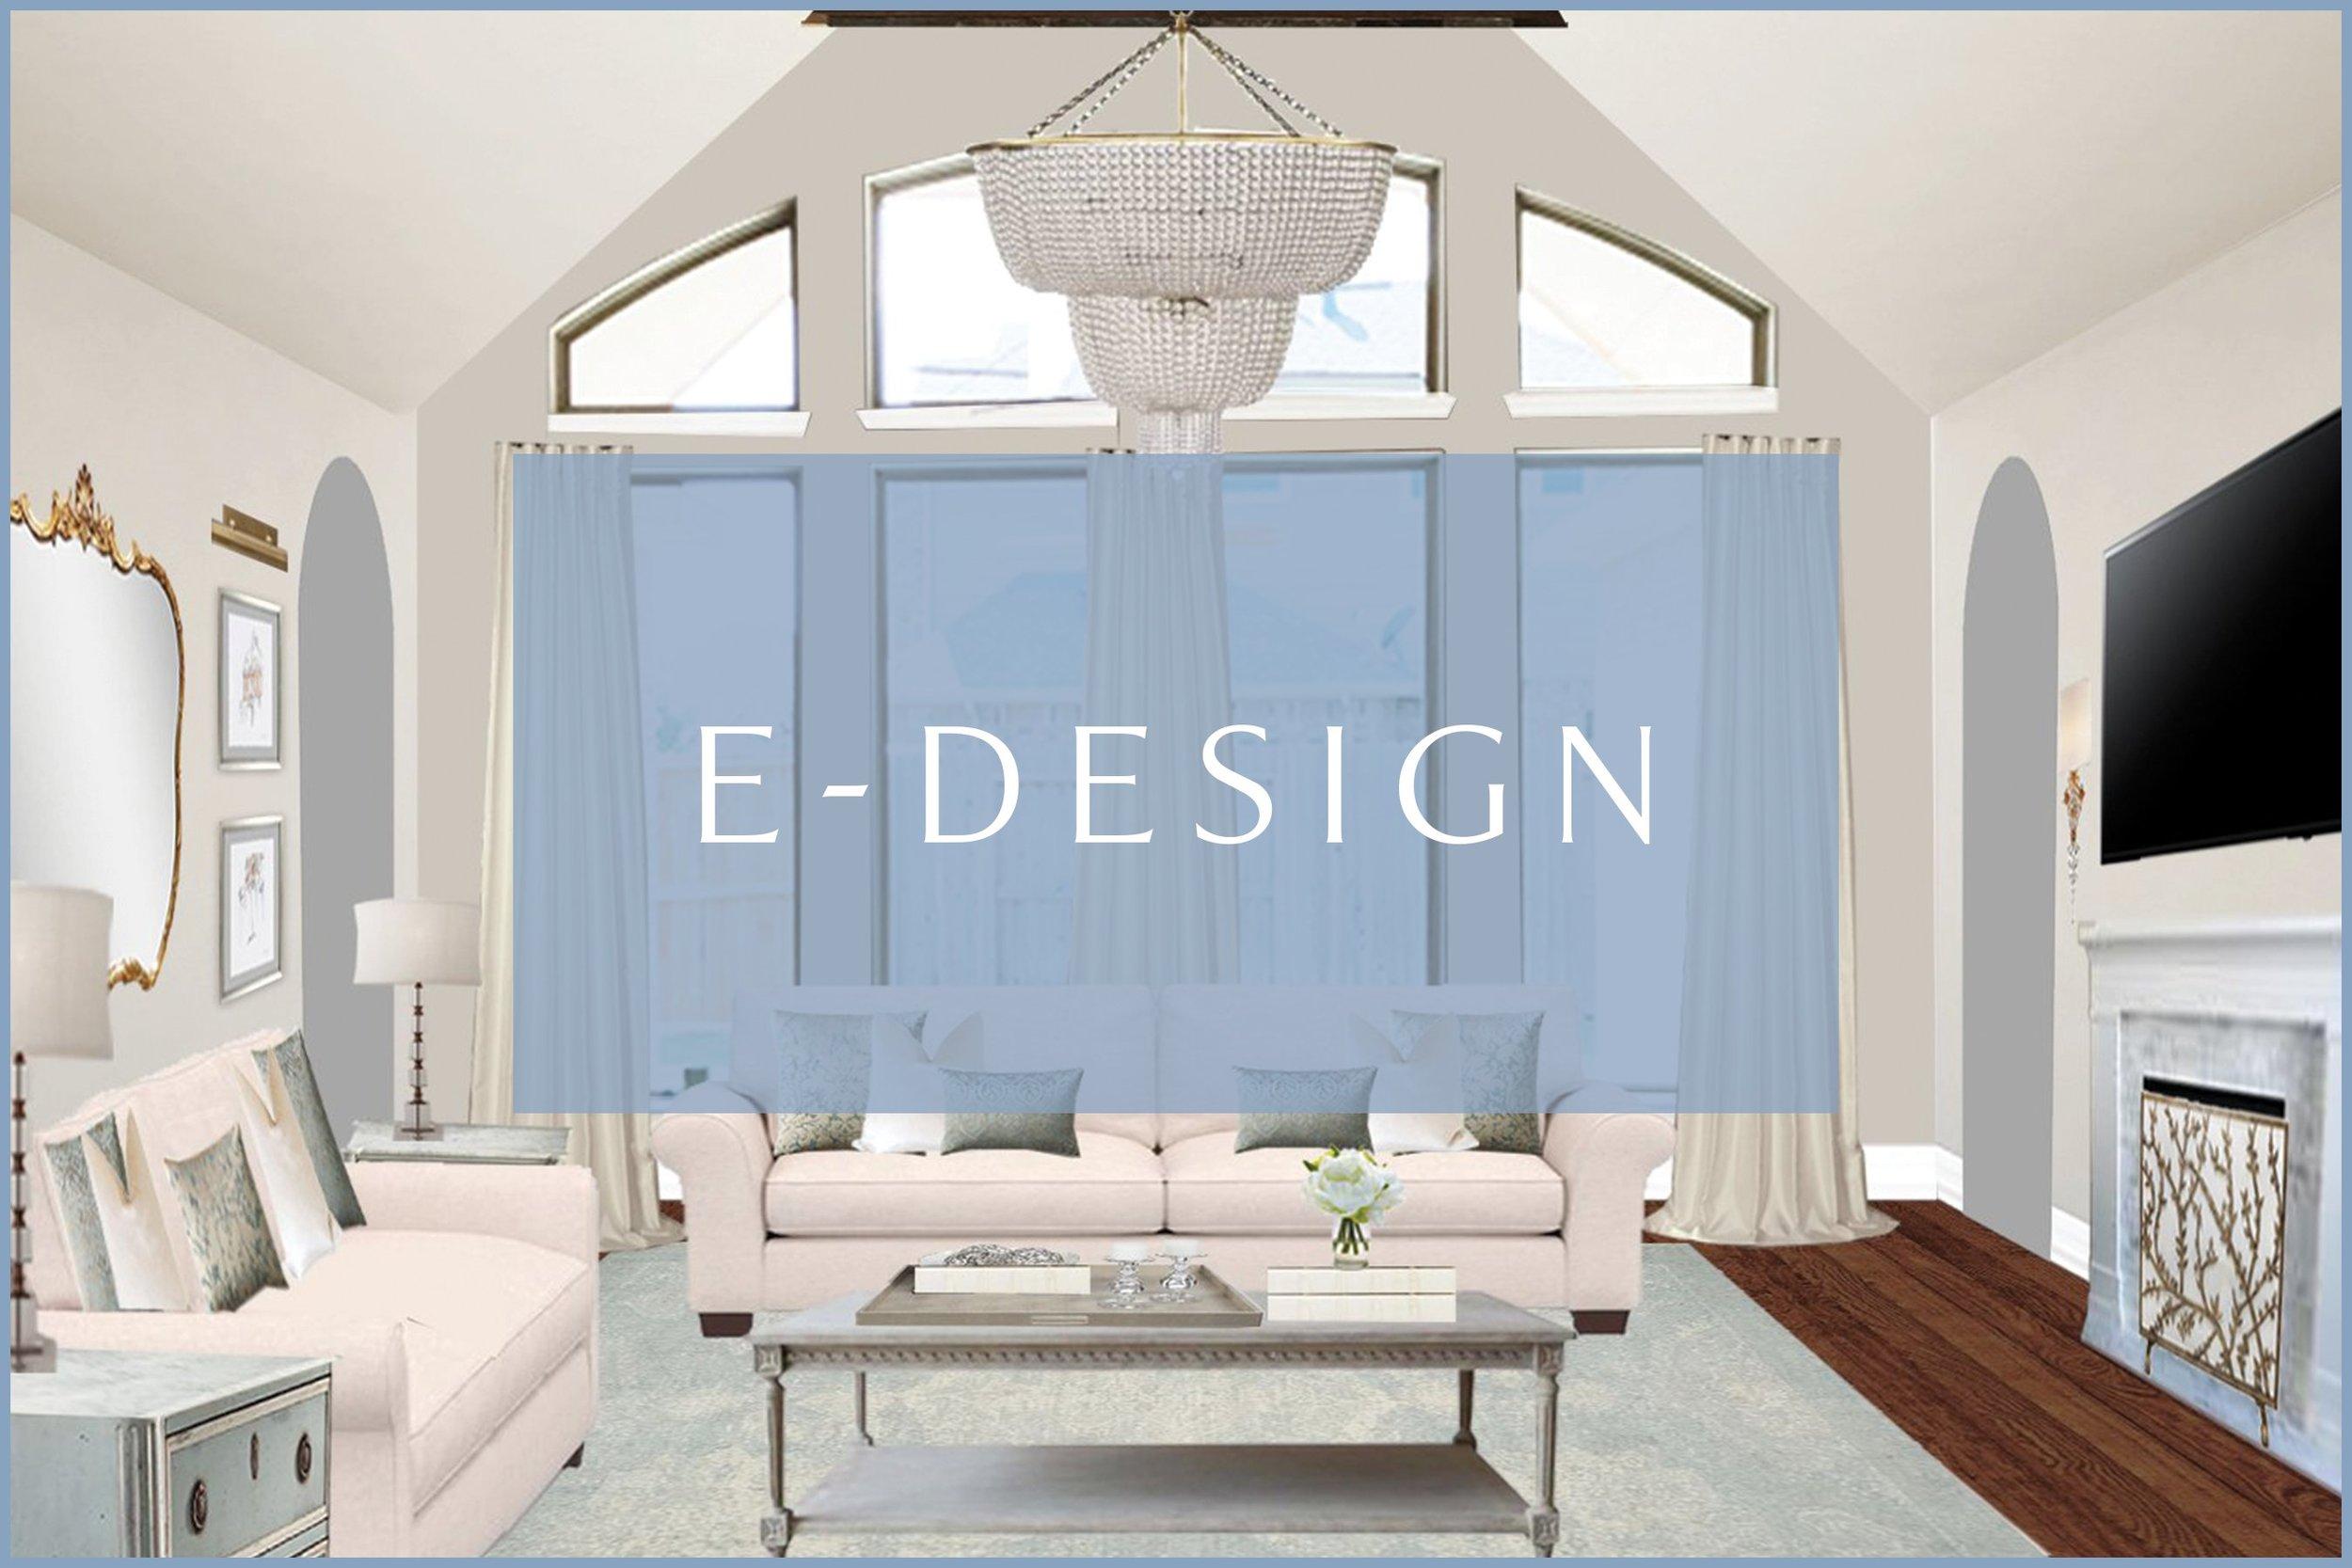 Website Services E Design.jpg